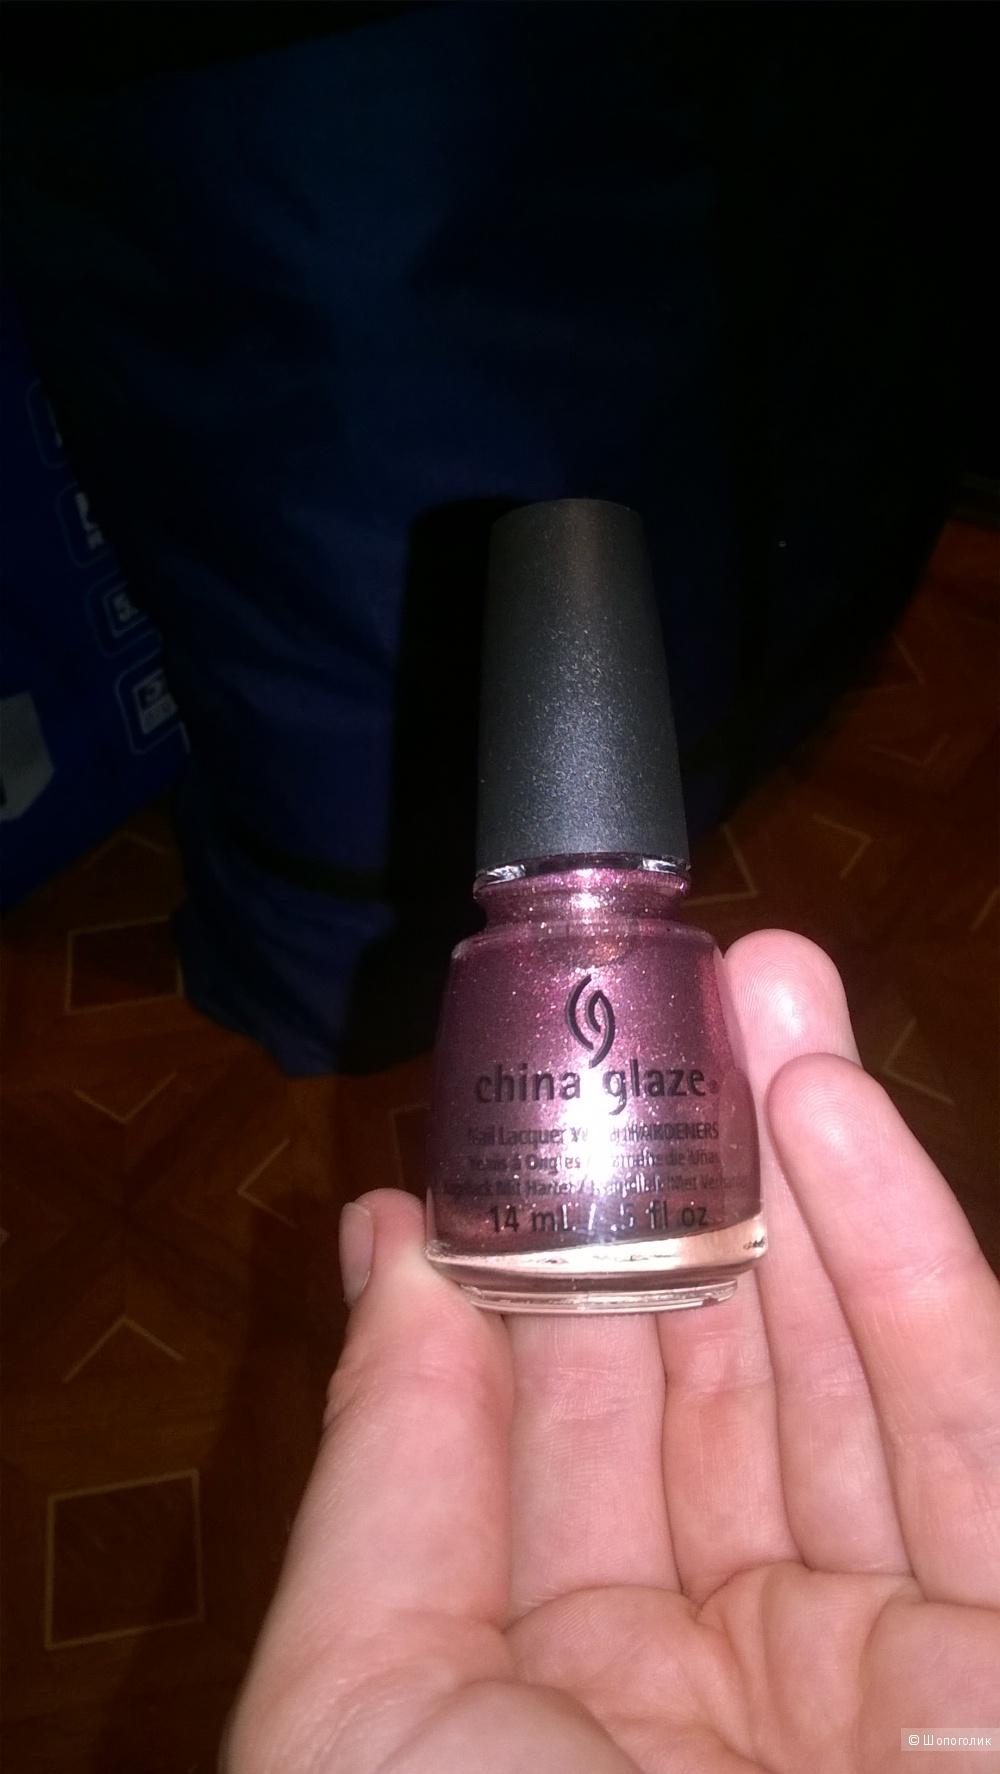 Лаки для ногтей China Glaze разные